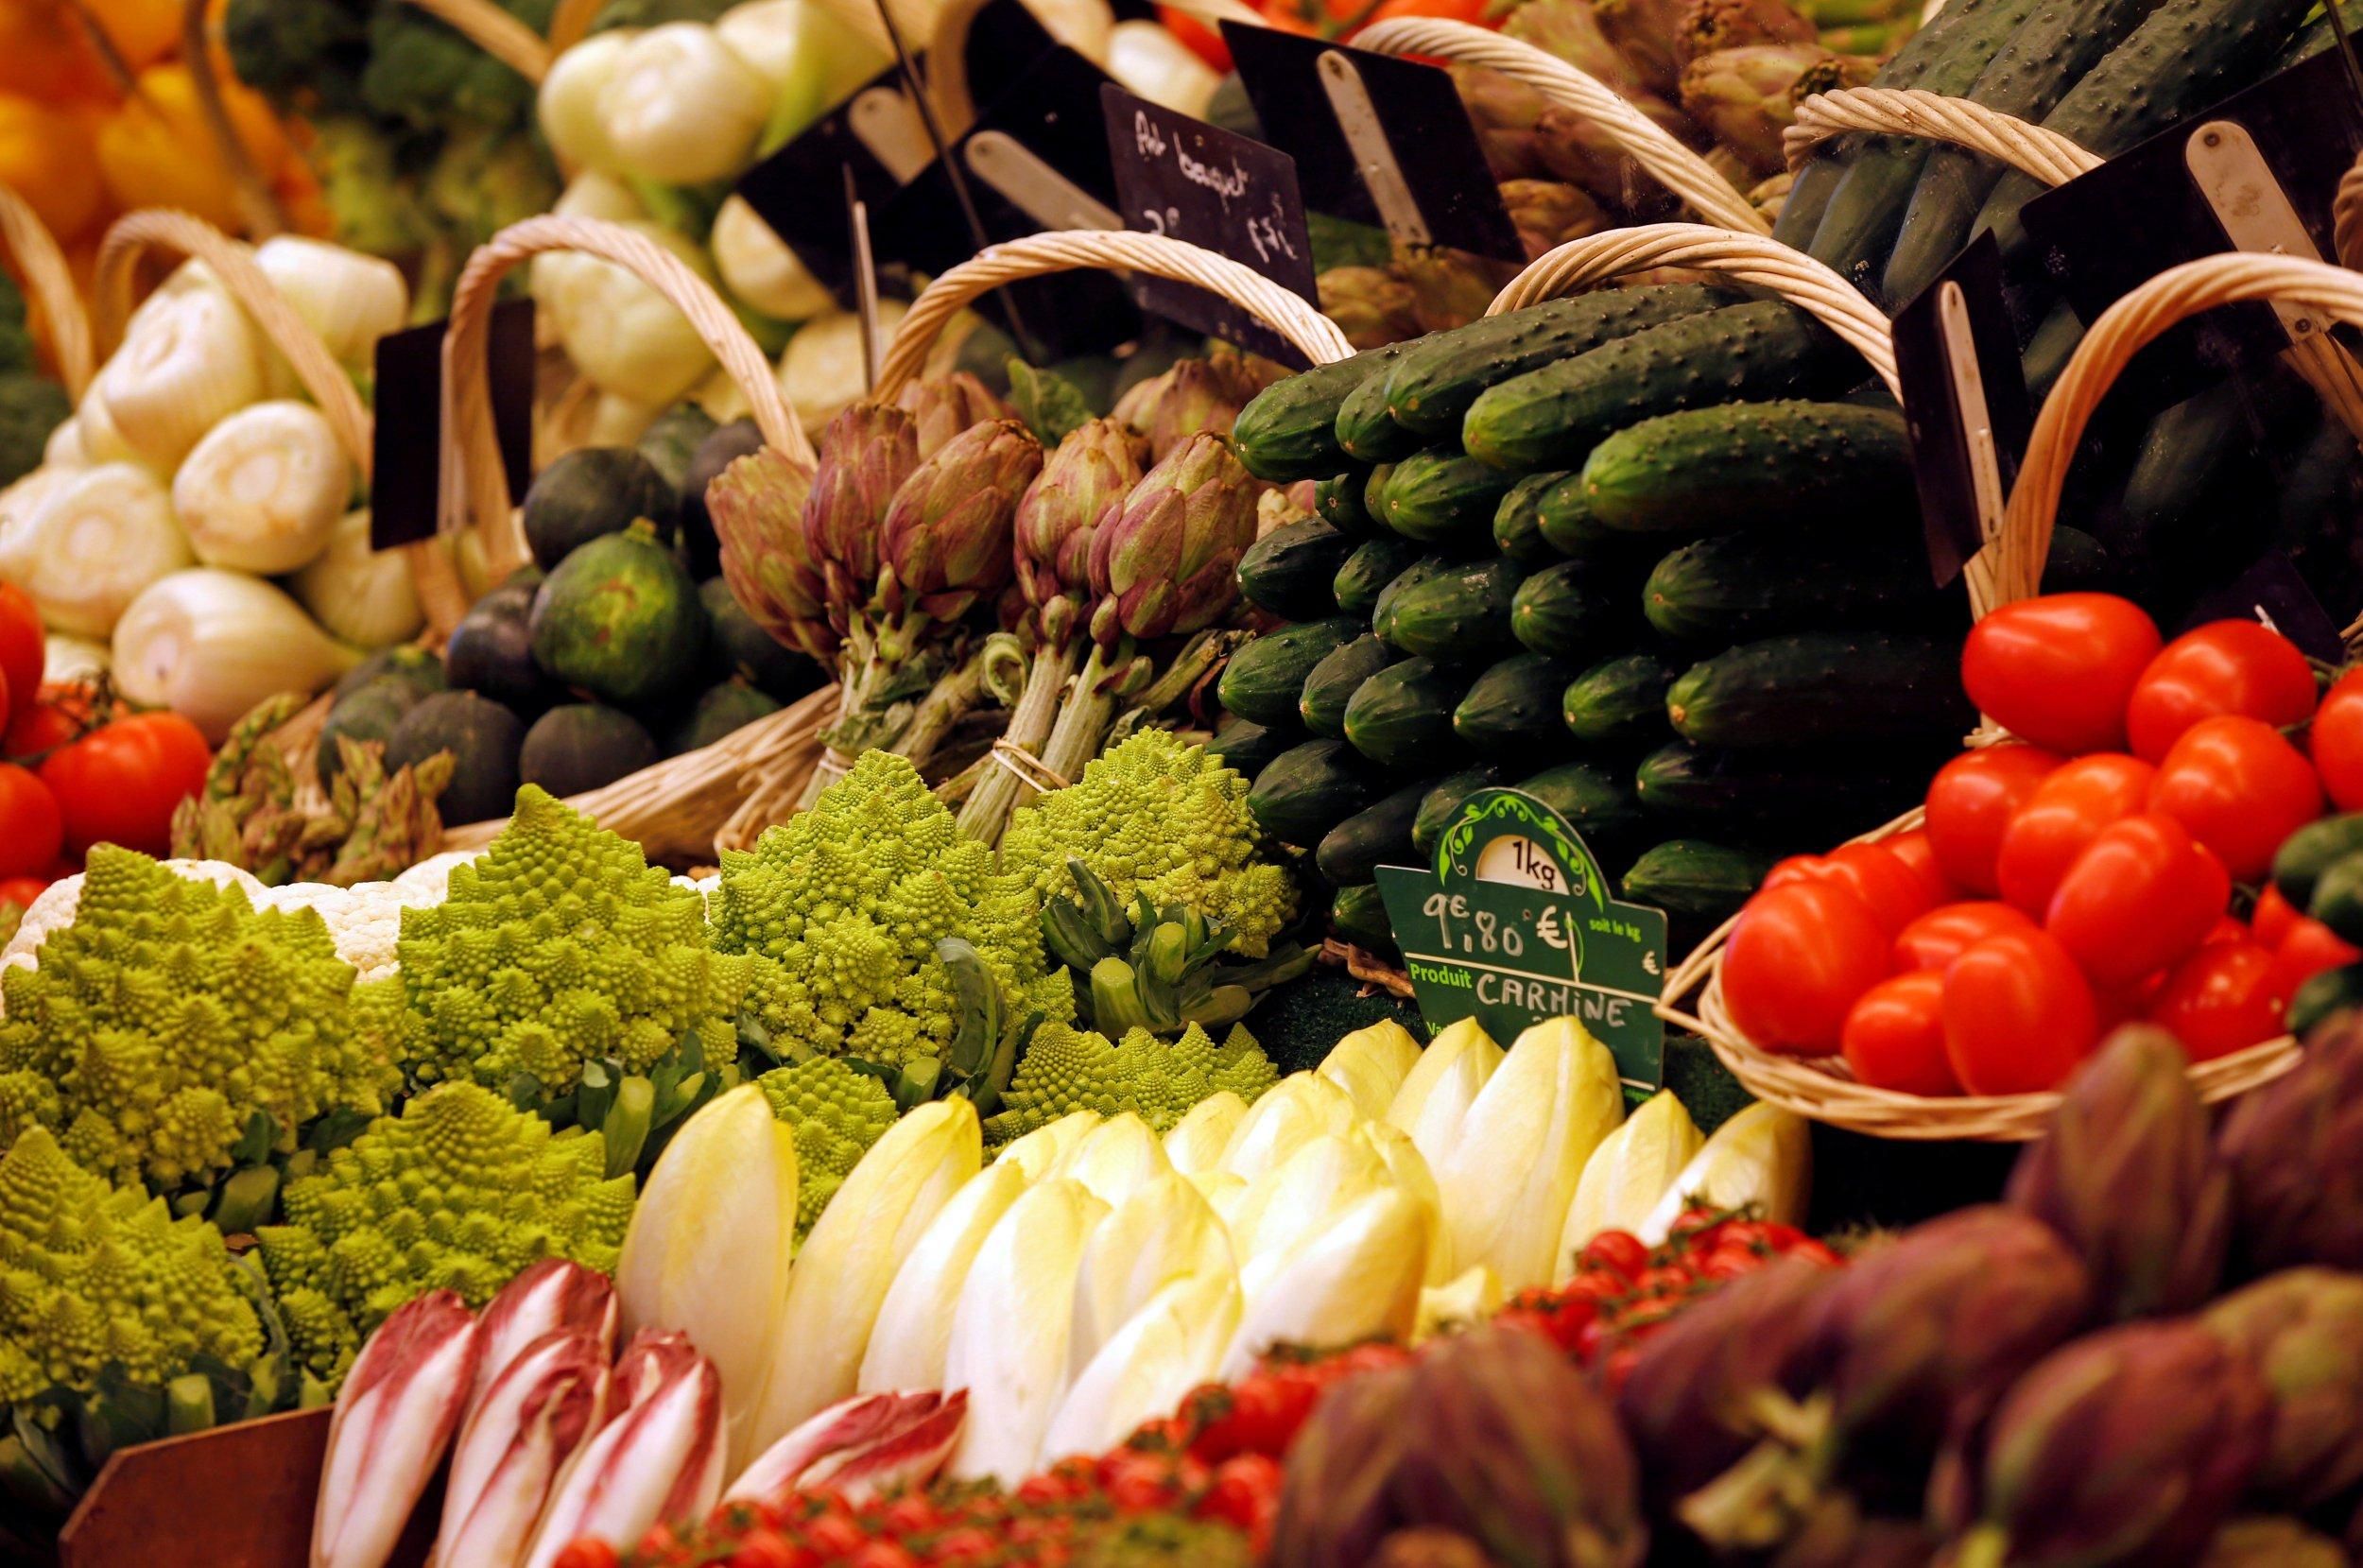 02_09_veggies_02